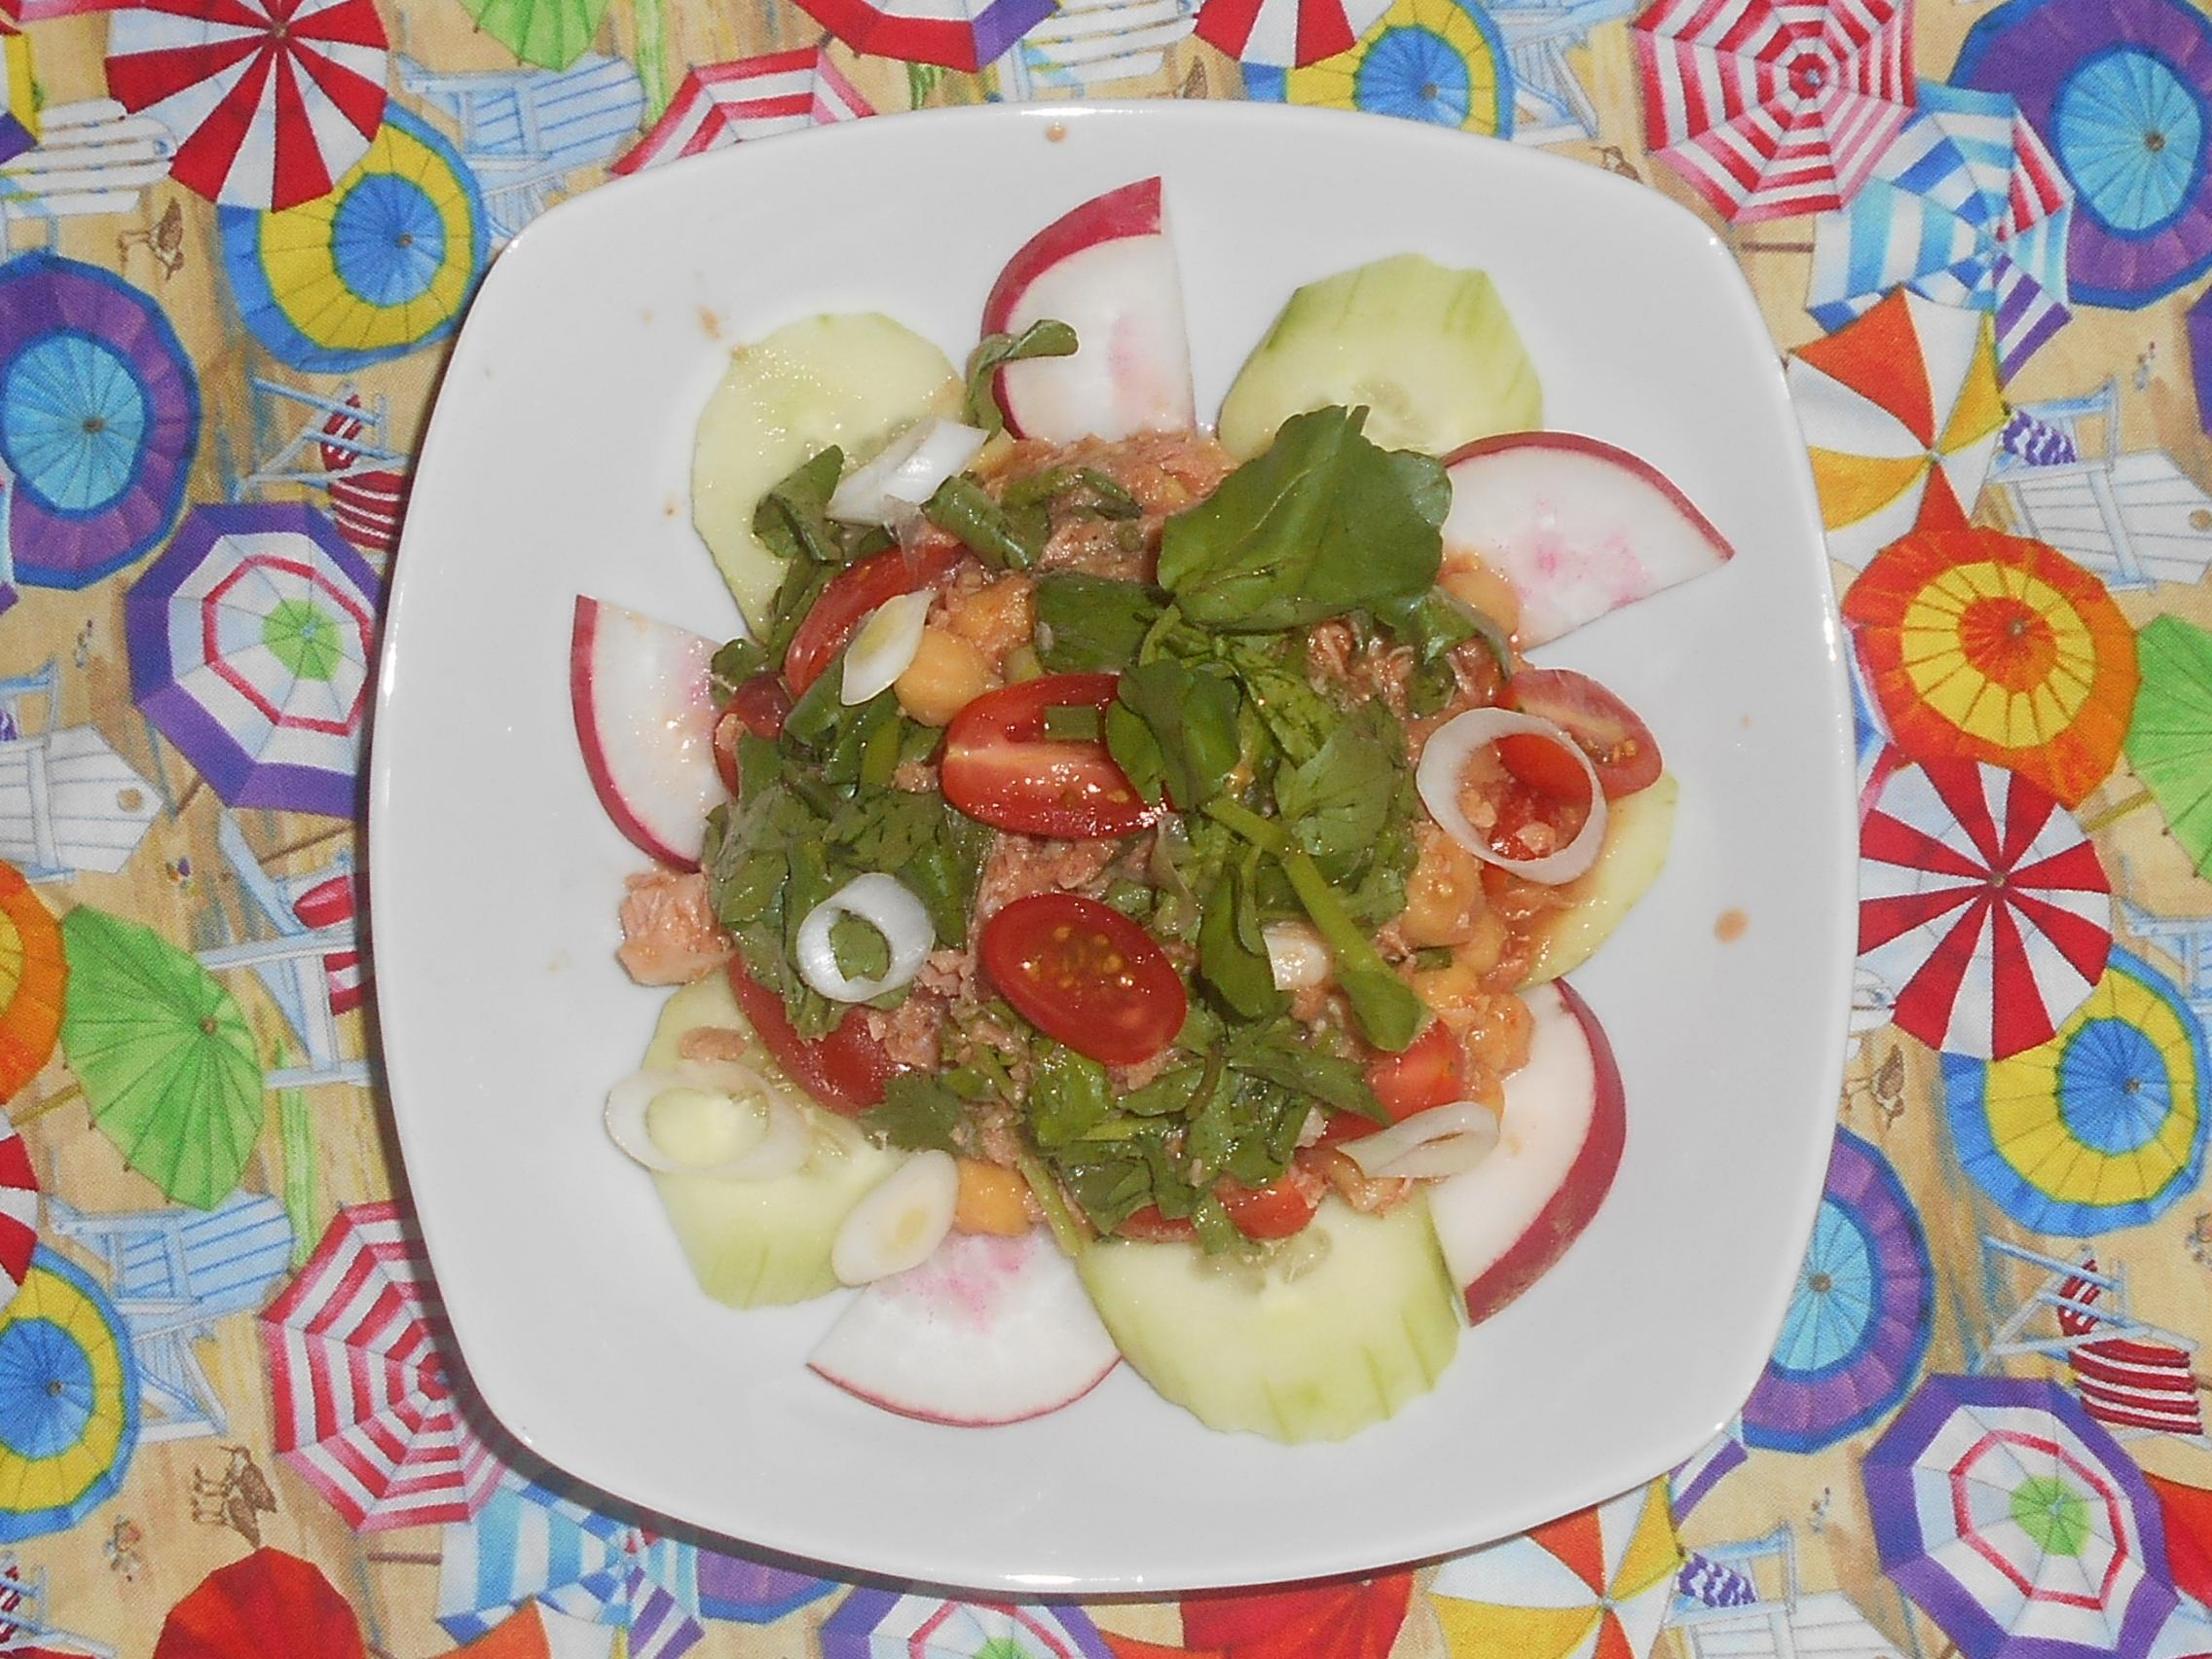 ensalada de atun garbanzos y tomate cherry